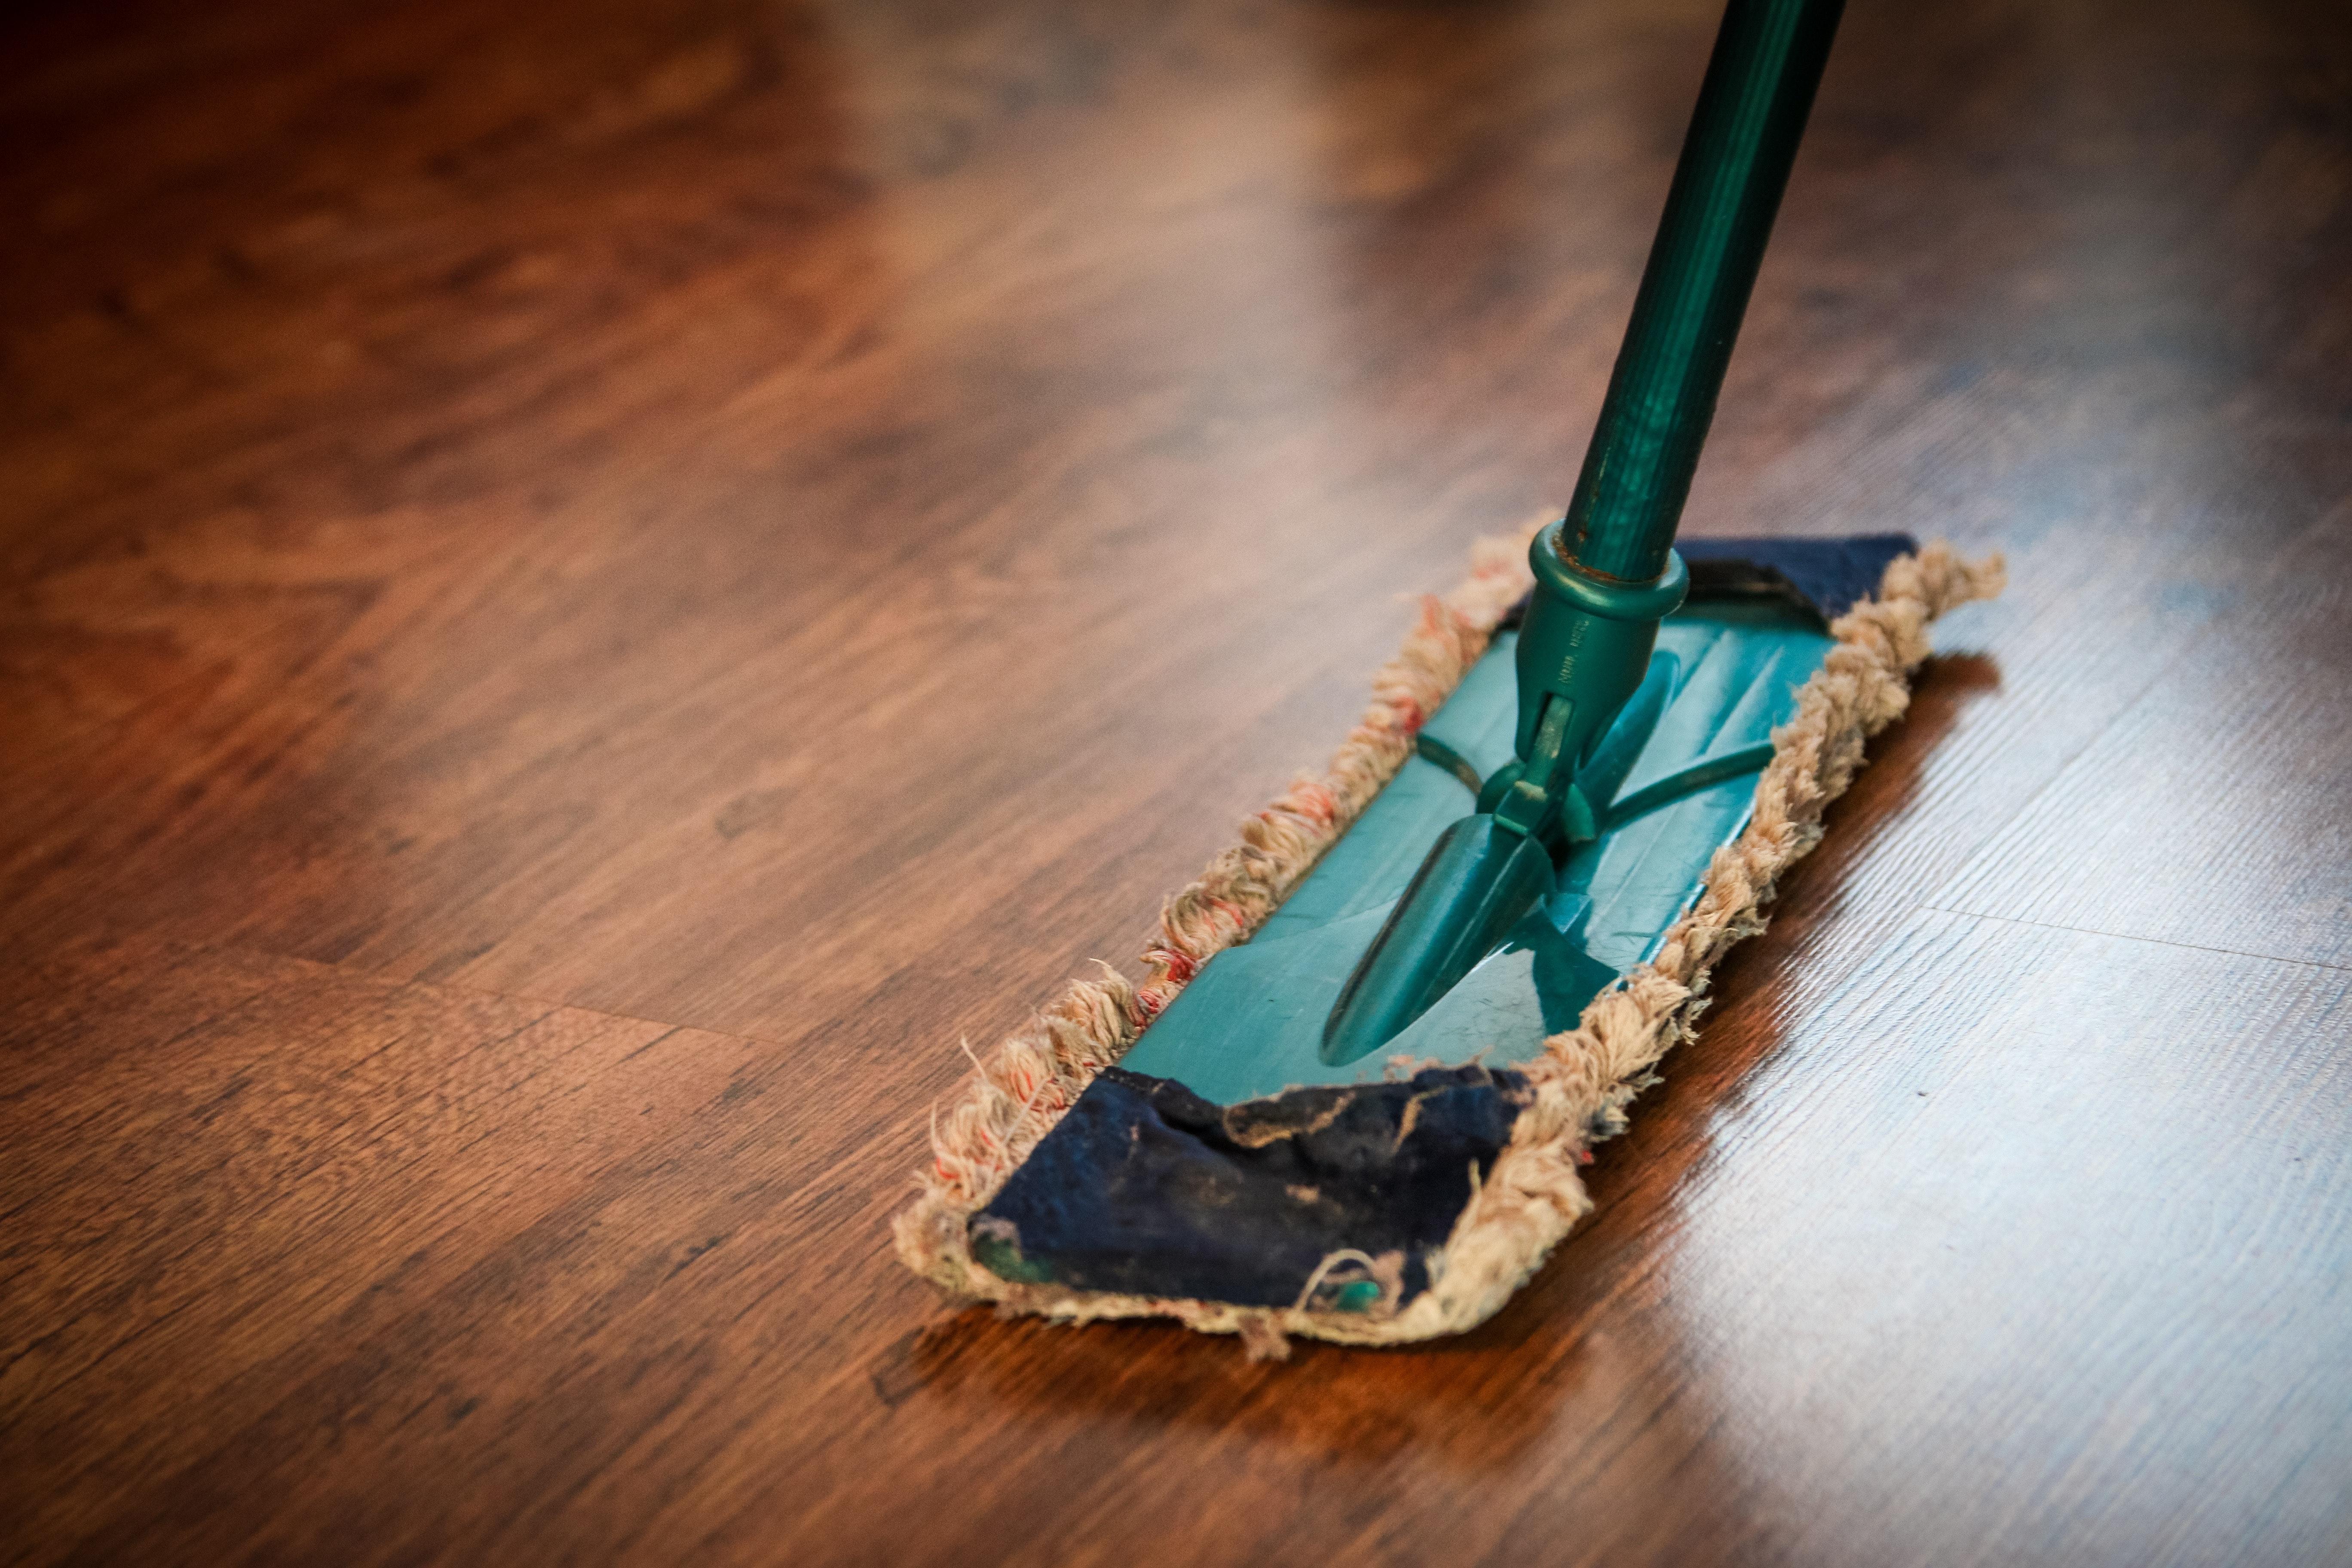 floor cleaning process in housekeeping